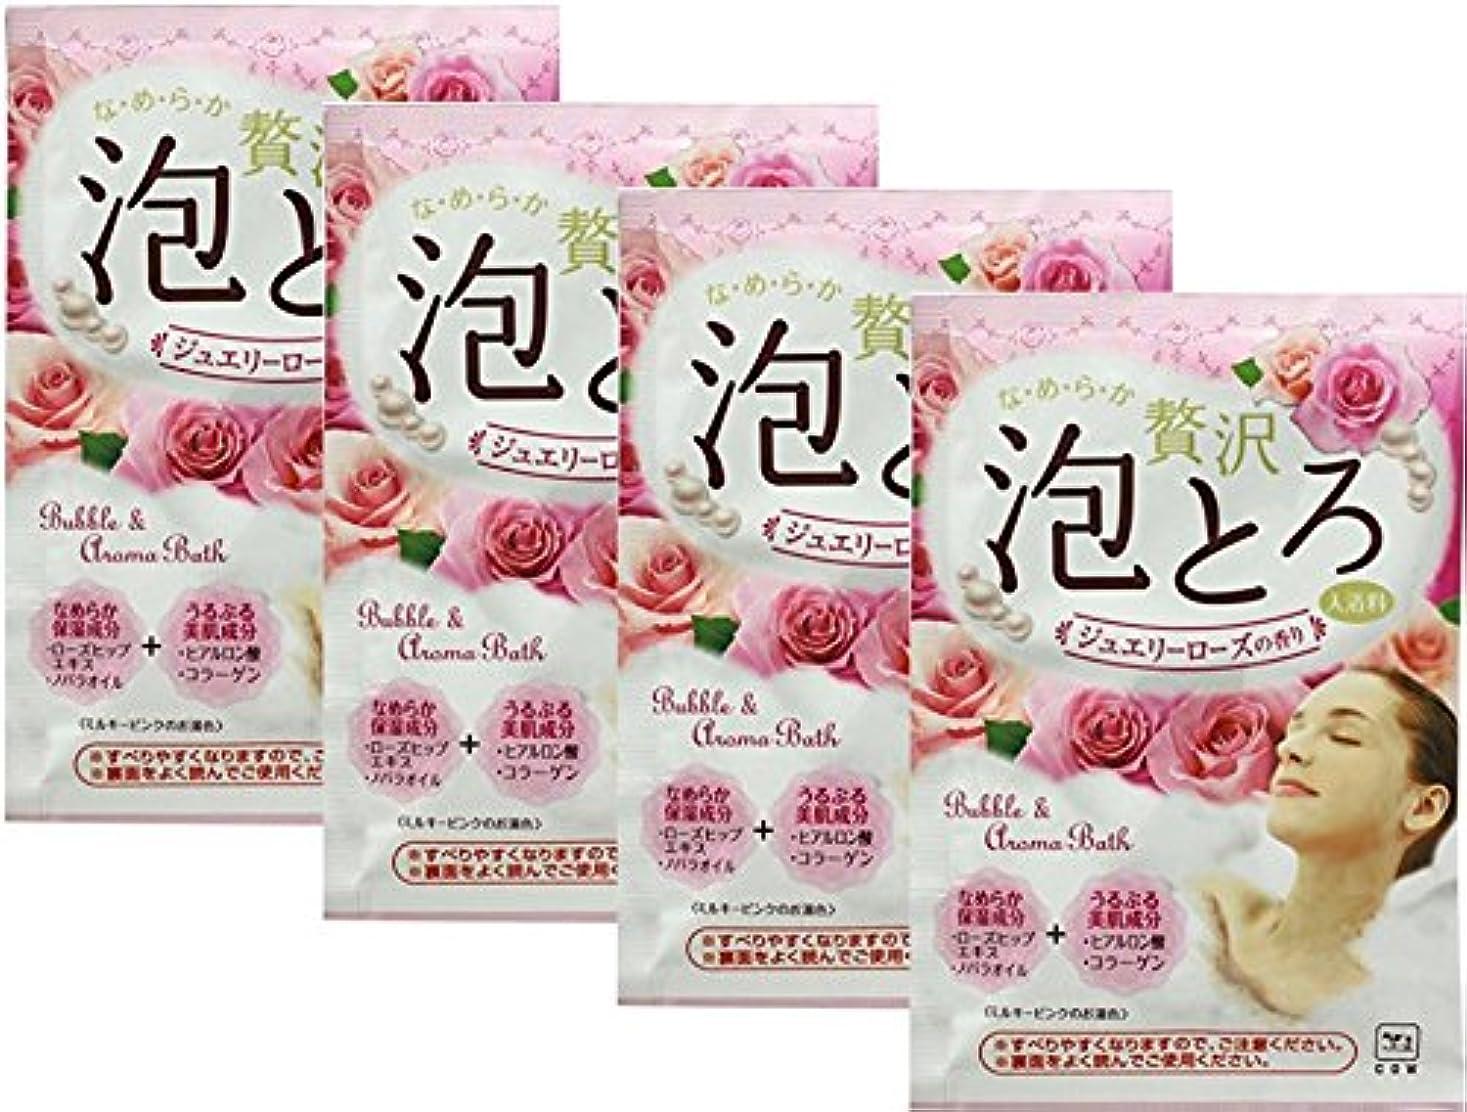 期限切れもろいラダ牛乳石鹸共進社 贅沢泡とろ 入浴料 ジュエリーローズの香り 30g 【4点セット】